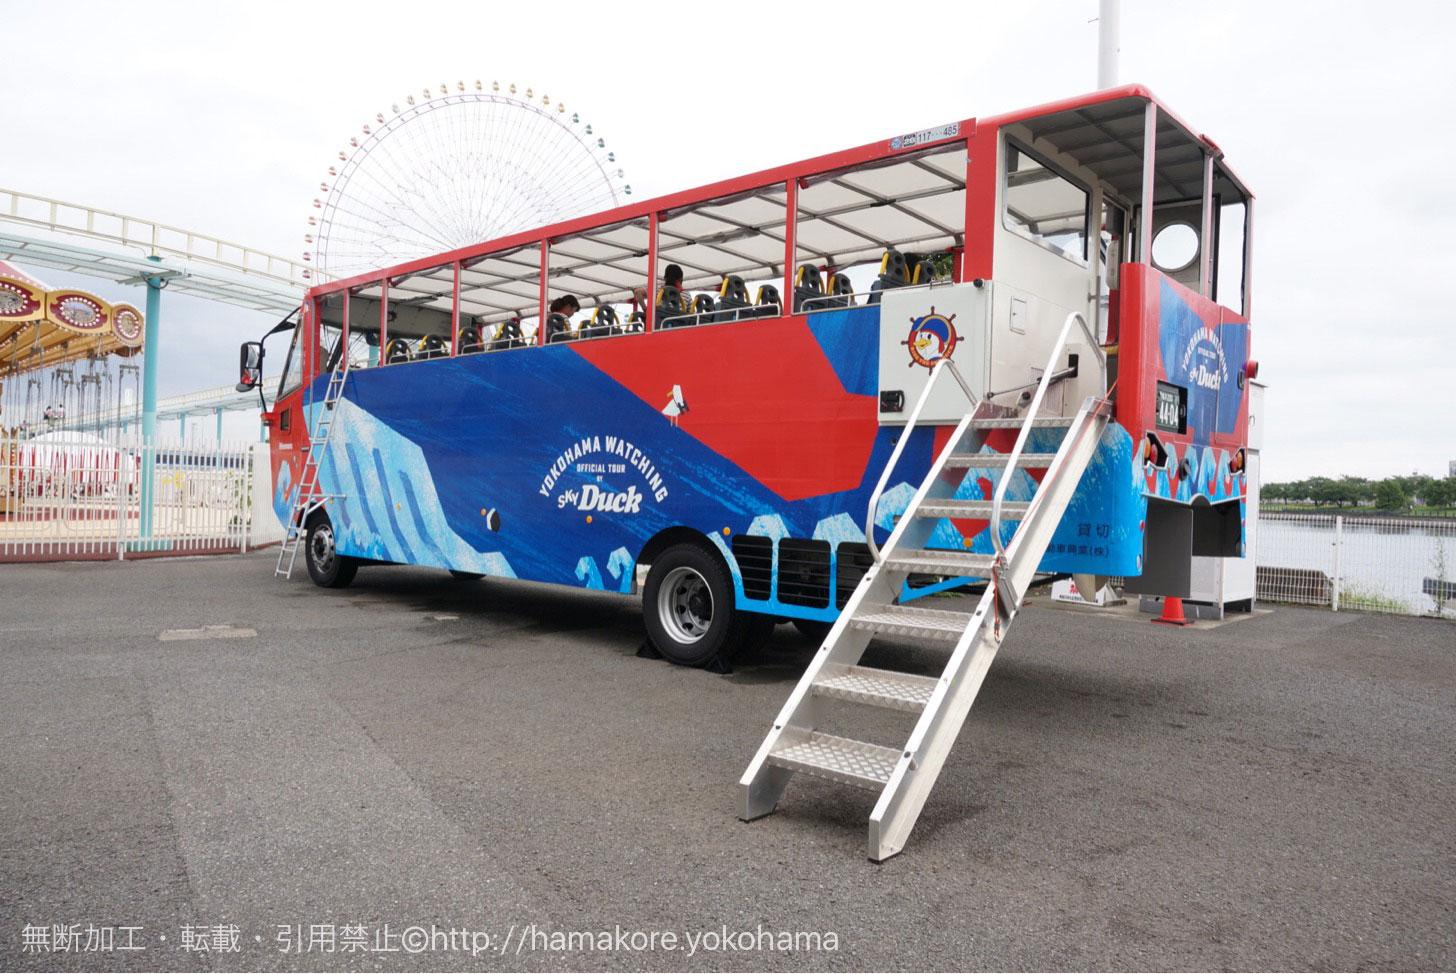 横浜みなとみらい「水陸両用バス」のチケット売り場・乗り場は全部で2つ!地図で場所をまとめて確認